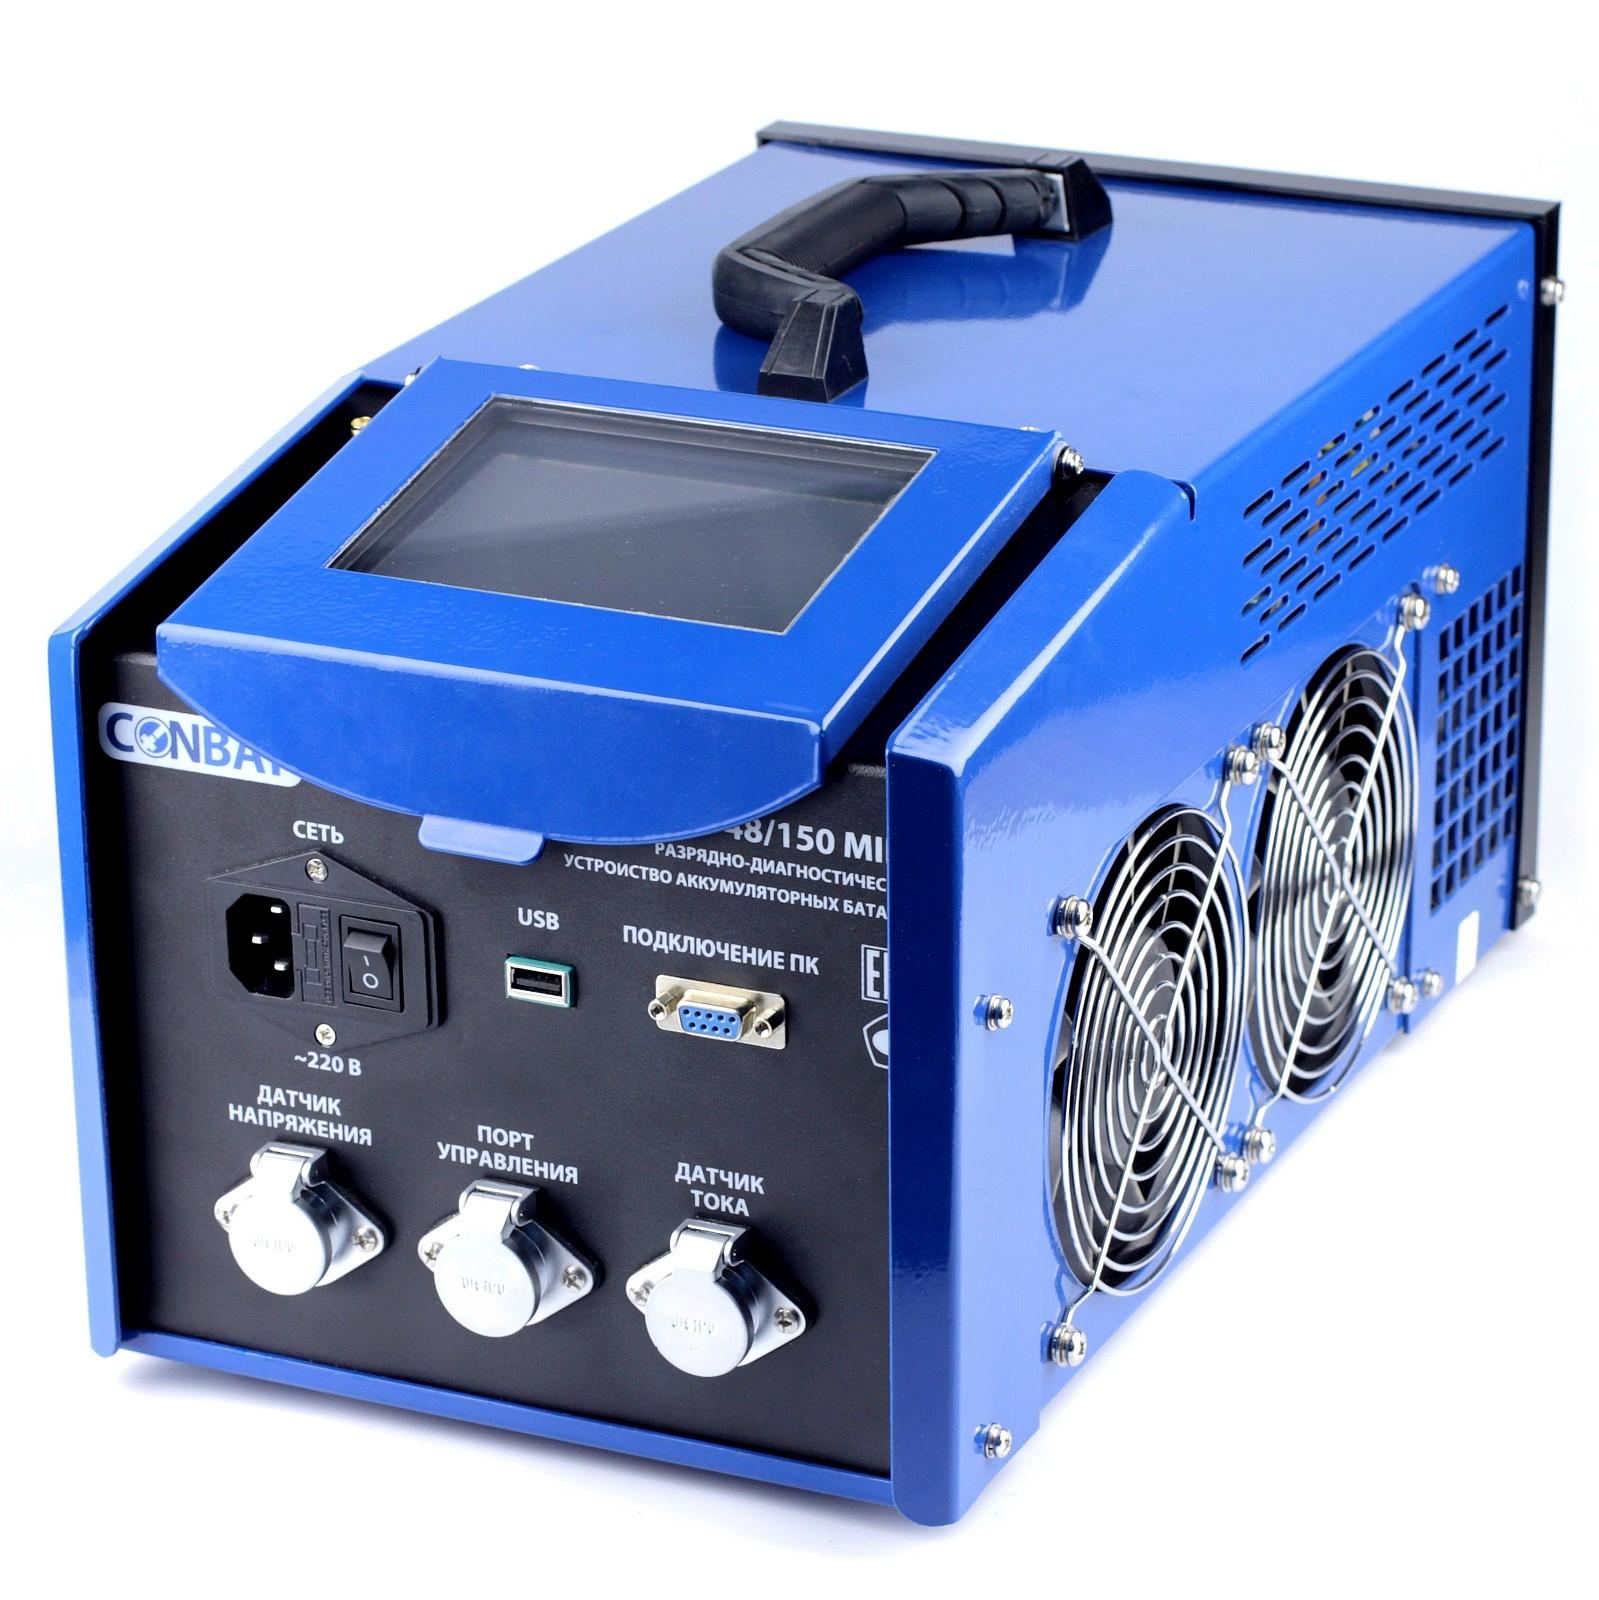 Разрядное устройство аккумуляторных батарей Conbat BCT-48/150